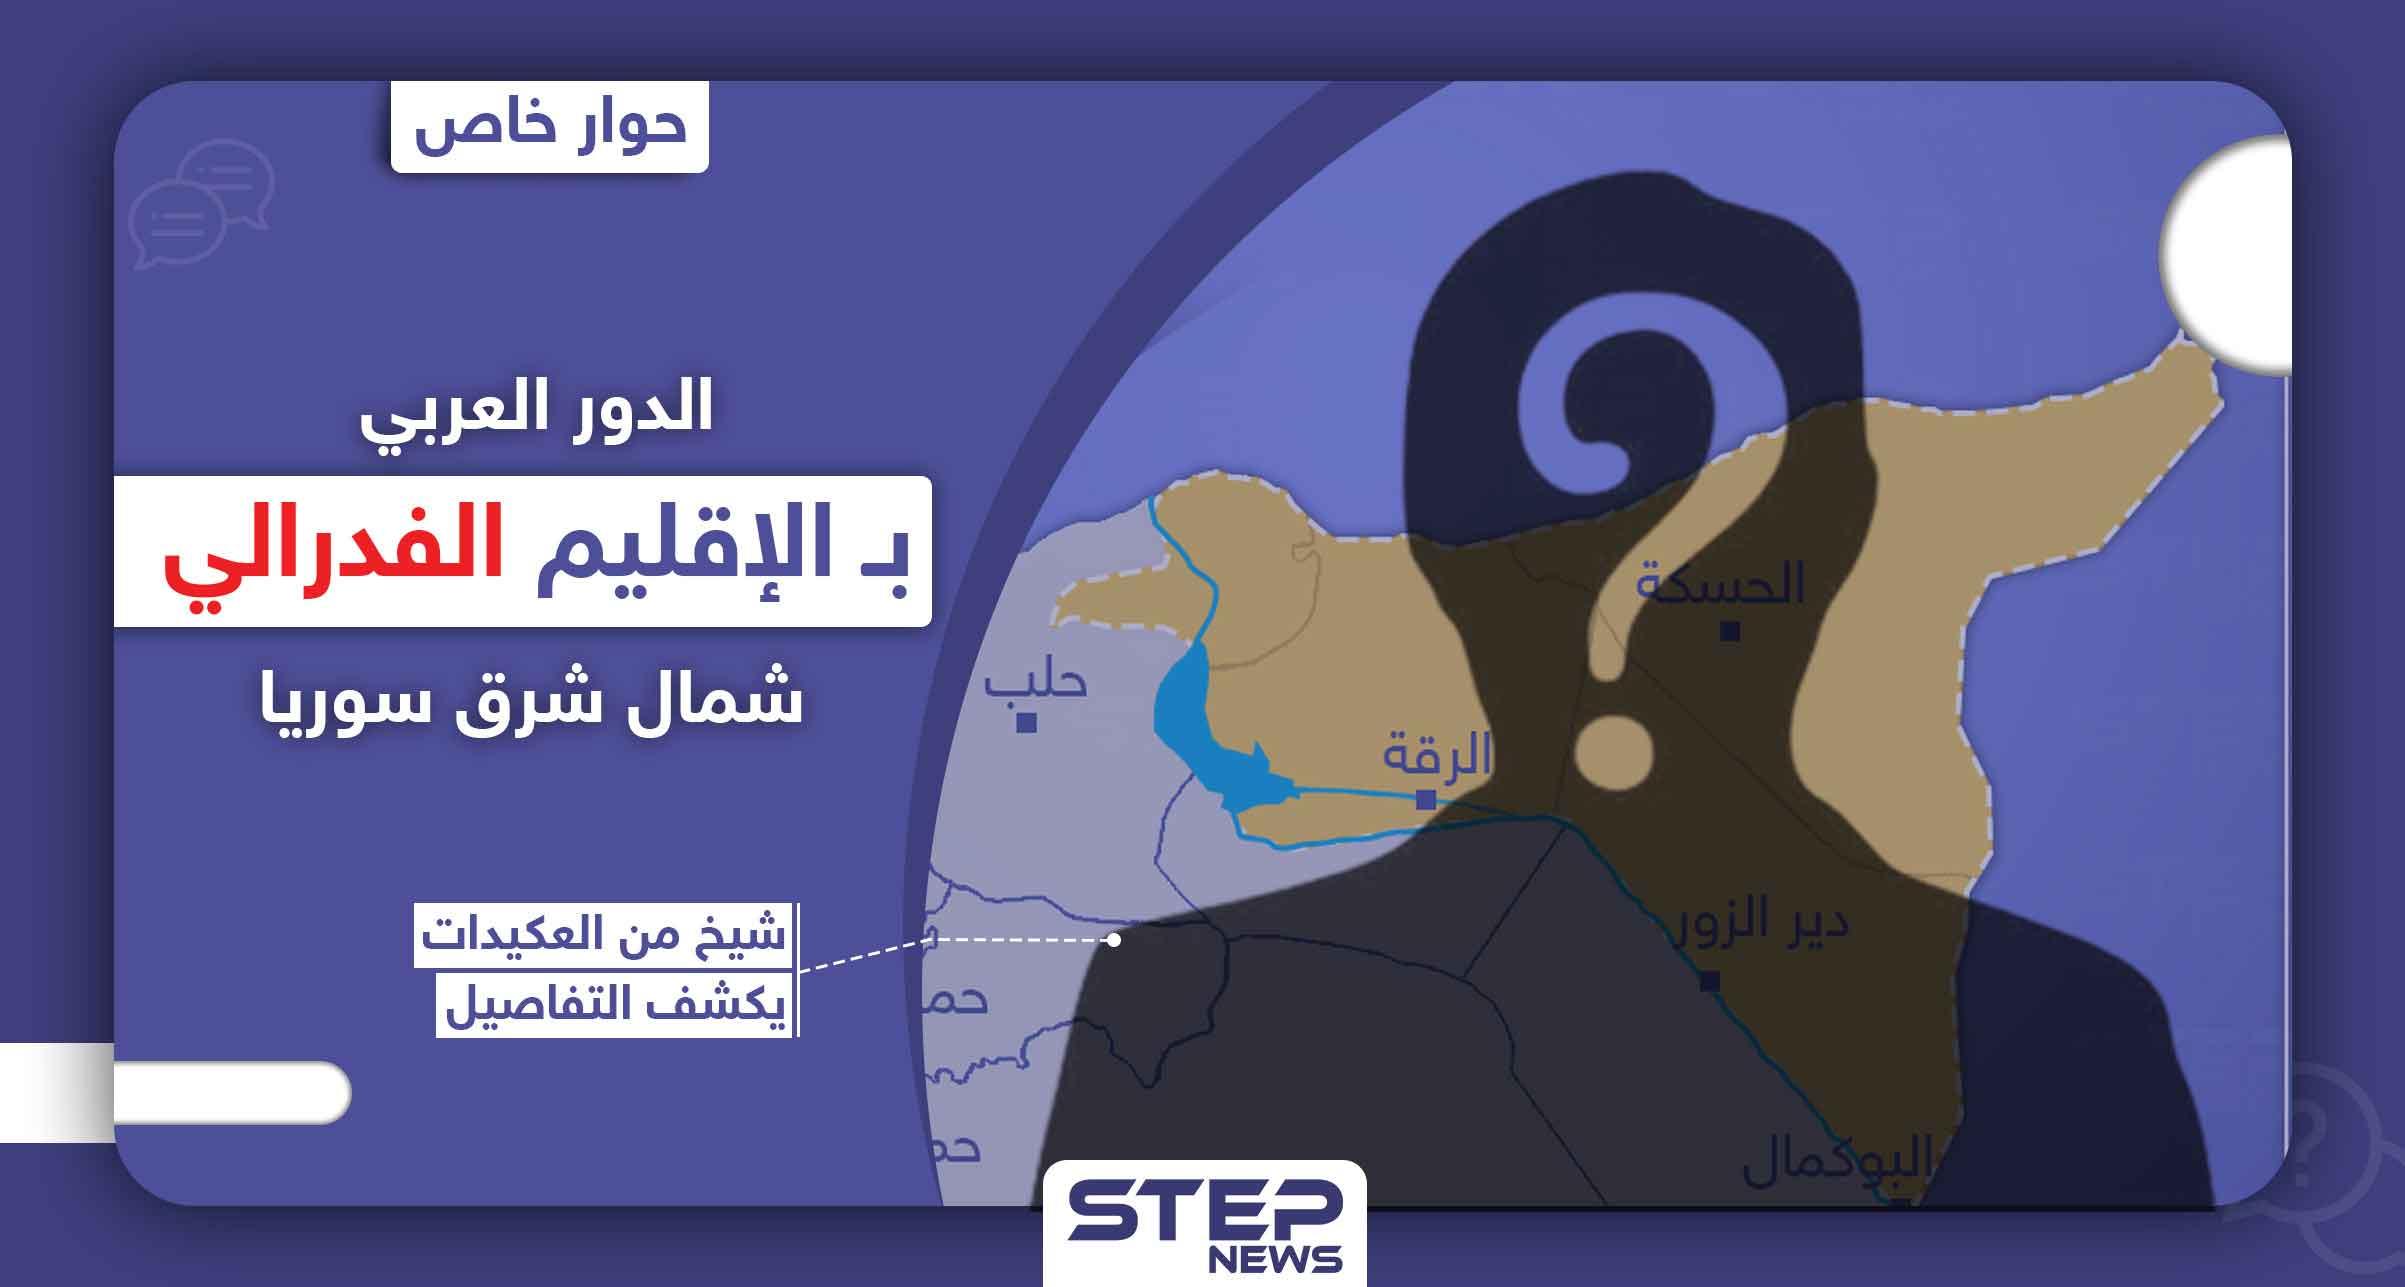 الدور العربي بـ الإقليم الفدرالي شمال شرق سوريا.. شيخ من قبيلة العكيدات يكشف التفاصيل